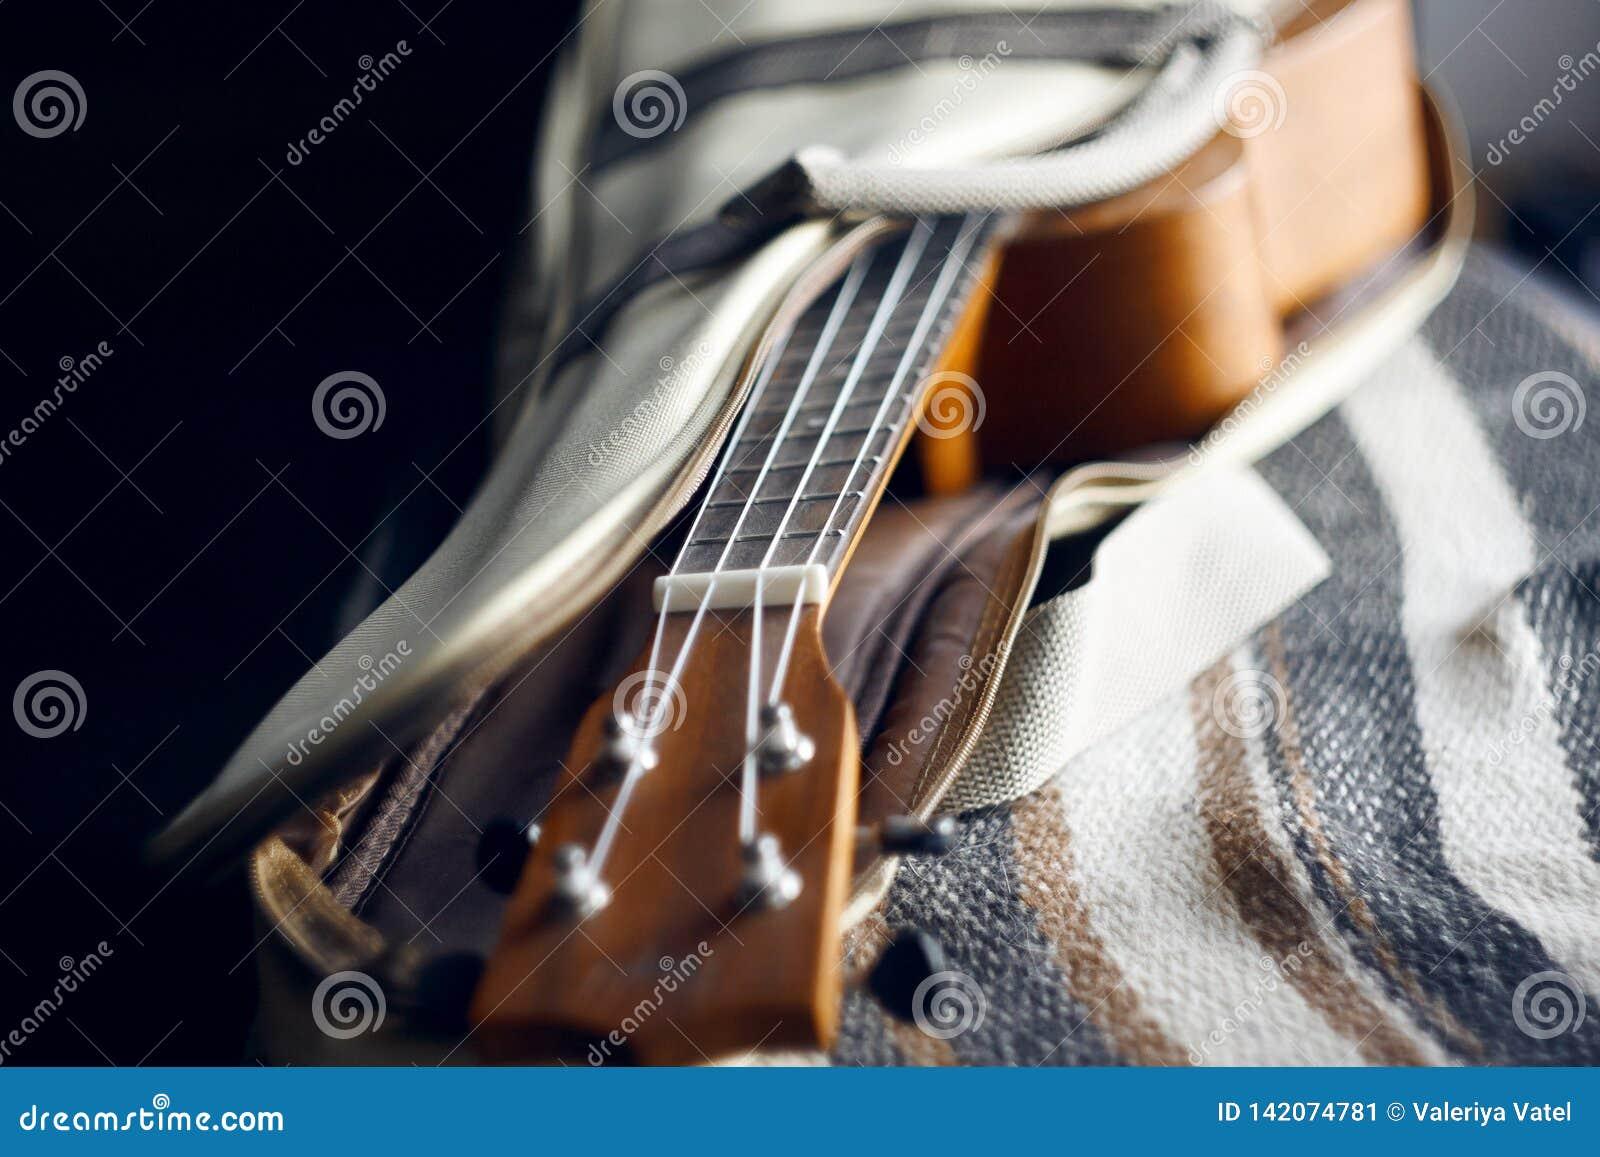 Гавайская гитара со строками нейлона на открытом случае